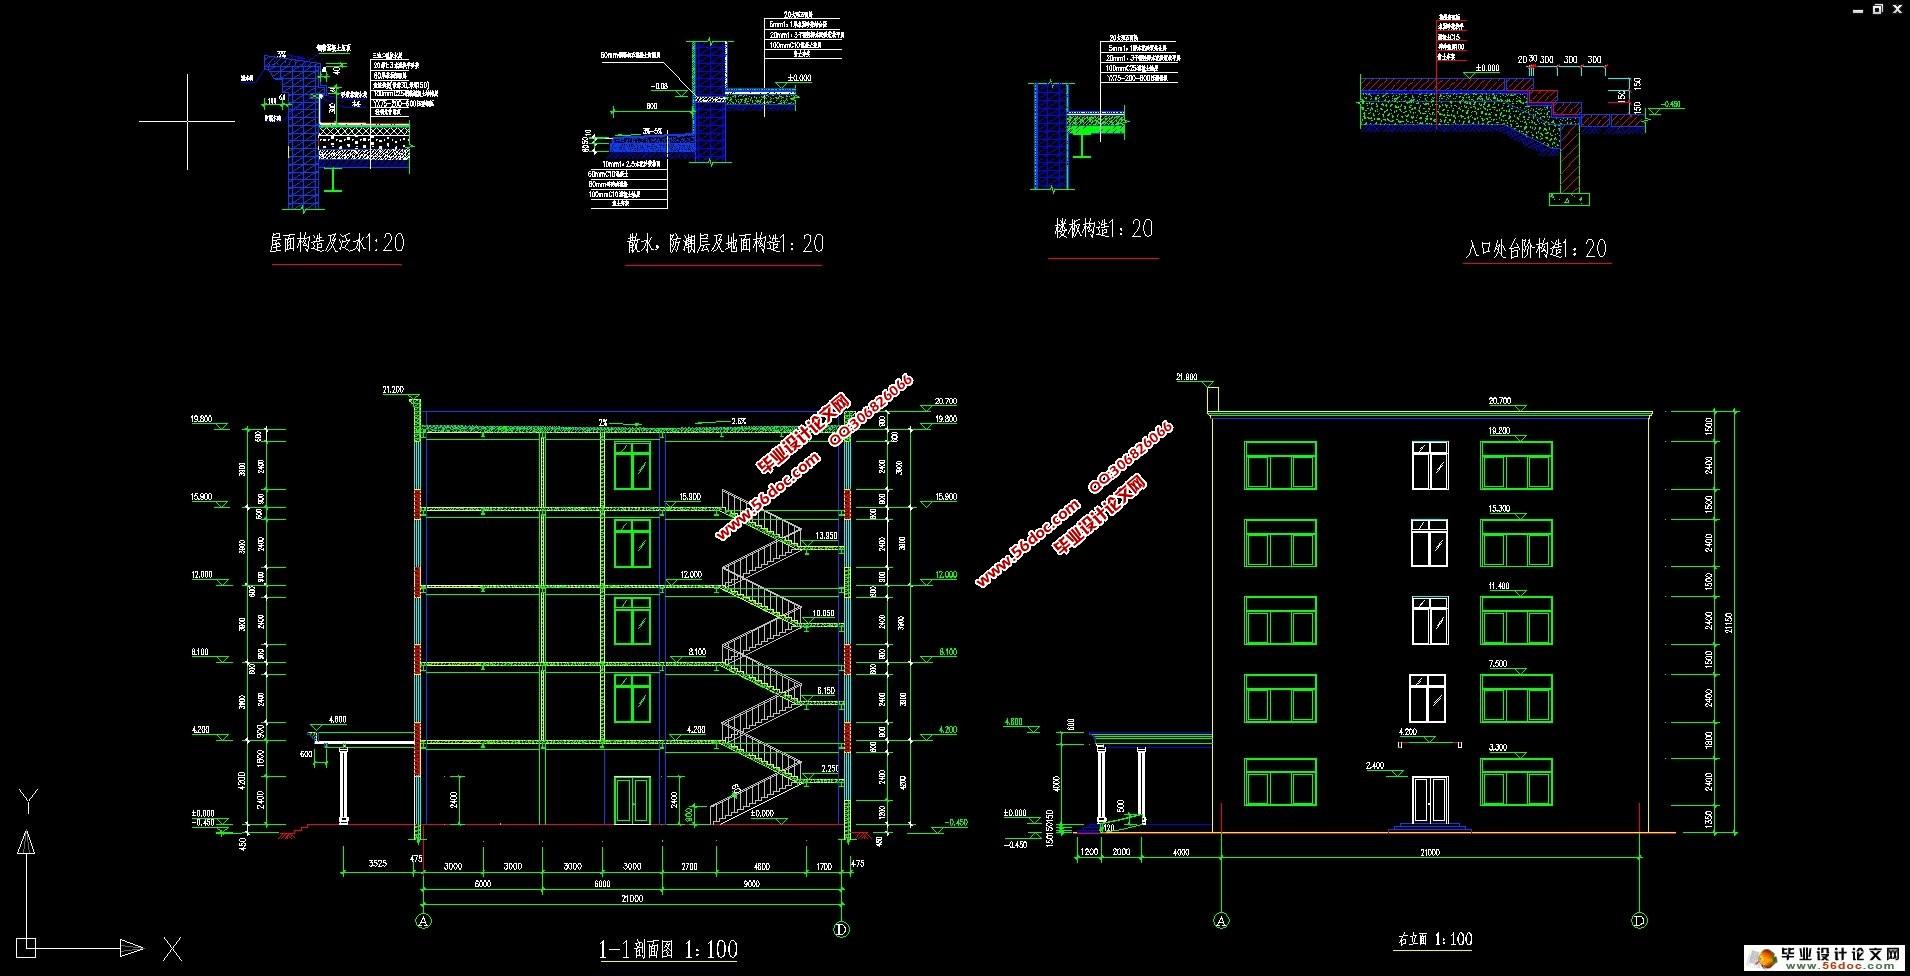 五层6800平米沈阳市宾馆设计(建筑图,结构图,总平面图